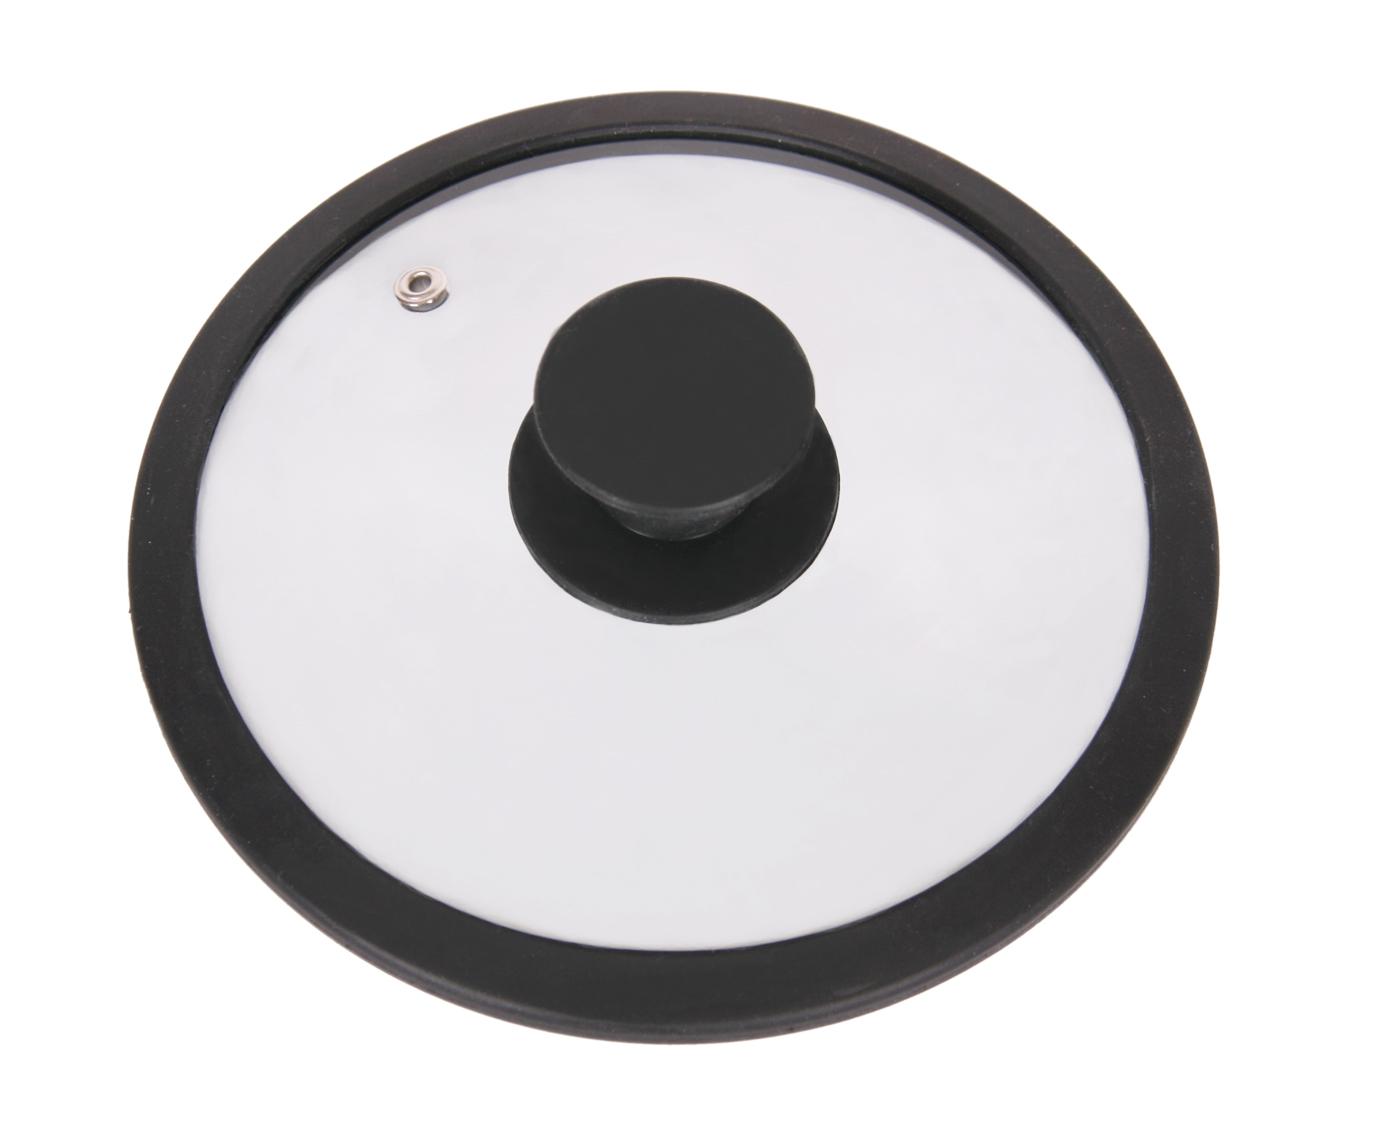 Крышка стеклянная Winner, цвет: черный. Диаметр 22 смWR-8303_черныйКрышка Winner изготовлена из термостойкого стекла с ободом из силикона. Крышка оснащена отверстием для выпуска пара. Ручка, выполненная из термостойкого бакелита с силиконовым покрытием, защищает ваши руки от высоких температур. Крышка удобна в использовании и позволяет контролировать процесс приготовления пищи. Характеристики:Материал:стекло, силикон, бакелит. Диаметр: 22 см. Изготовитель: Германия. Производитель: Китай. Размер упаковки: 22,5 см х 22,5 см х 4 см. Артикул: WR-8303.